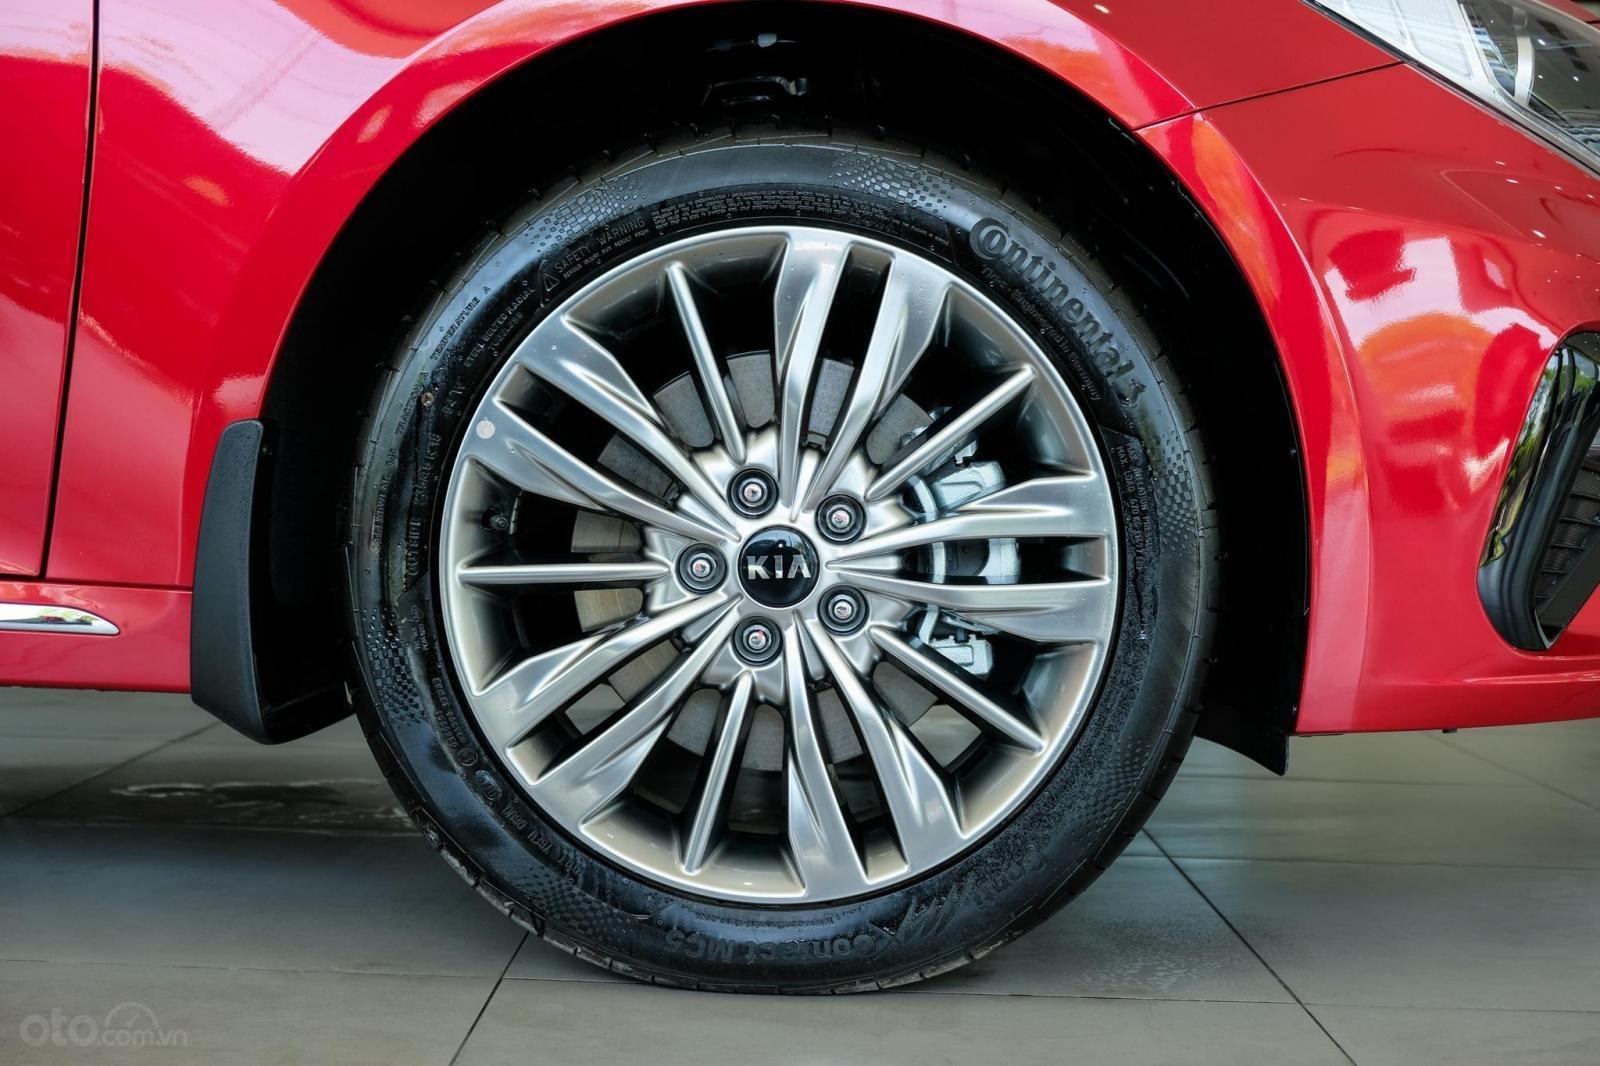 Kia Optima 2019 giá ưu đãi hỗ trợ vay 85%-3